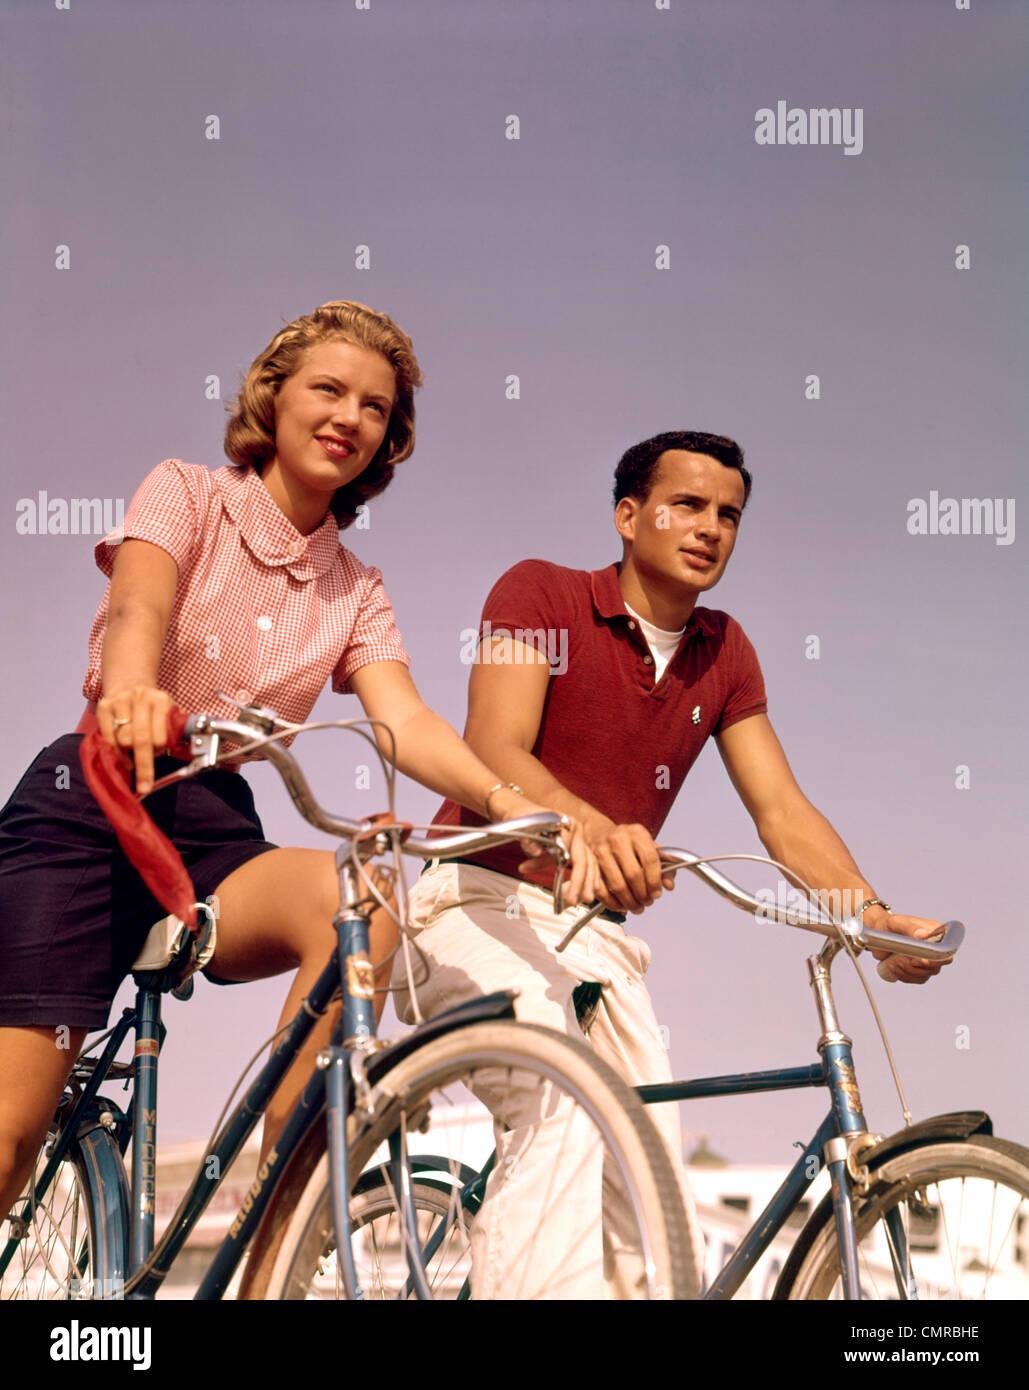 Anni Cinquanta anni sessanta GIOVANE UOMO DONNA equitazione biciclette all'aperto Immagini Stock